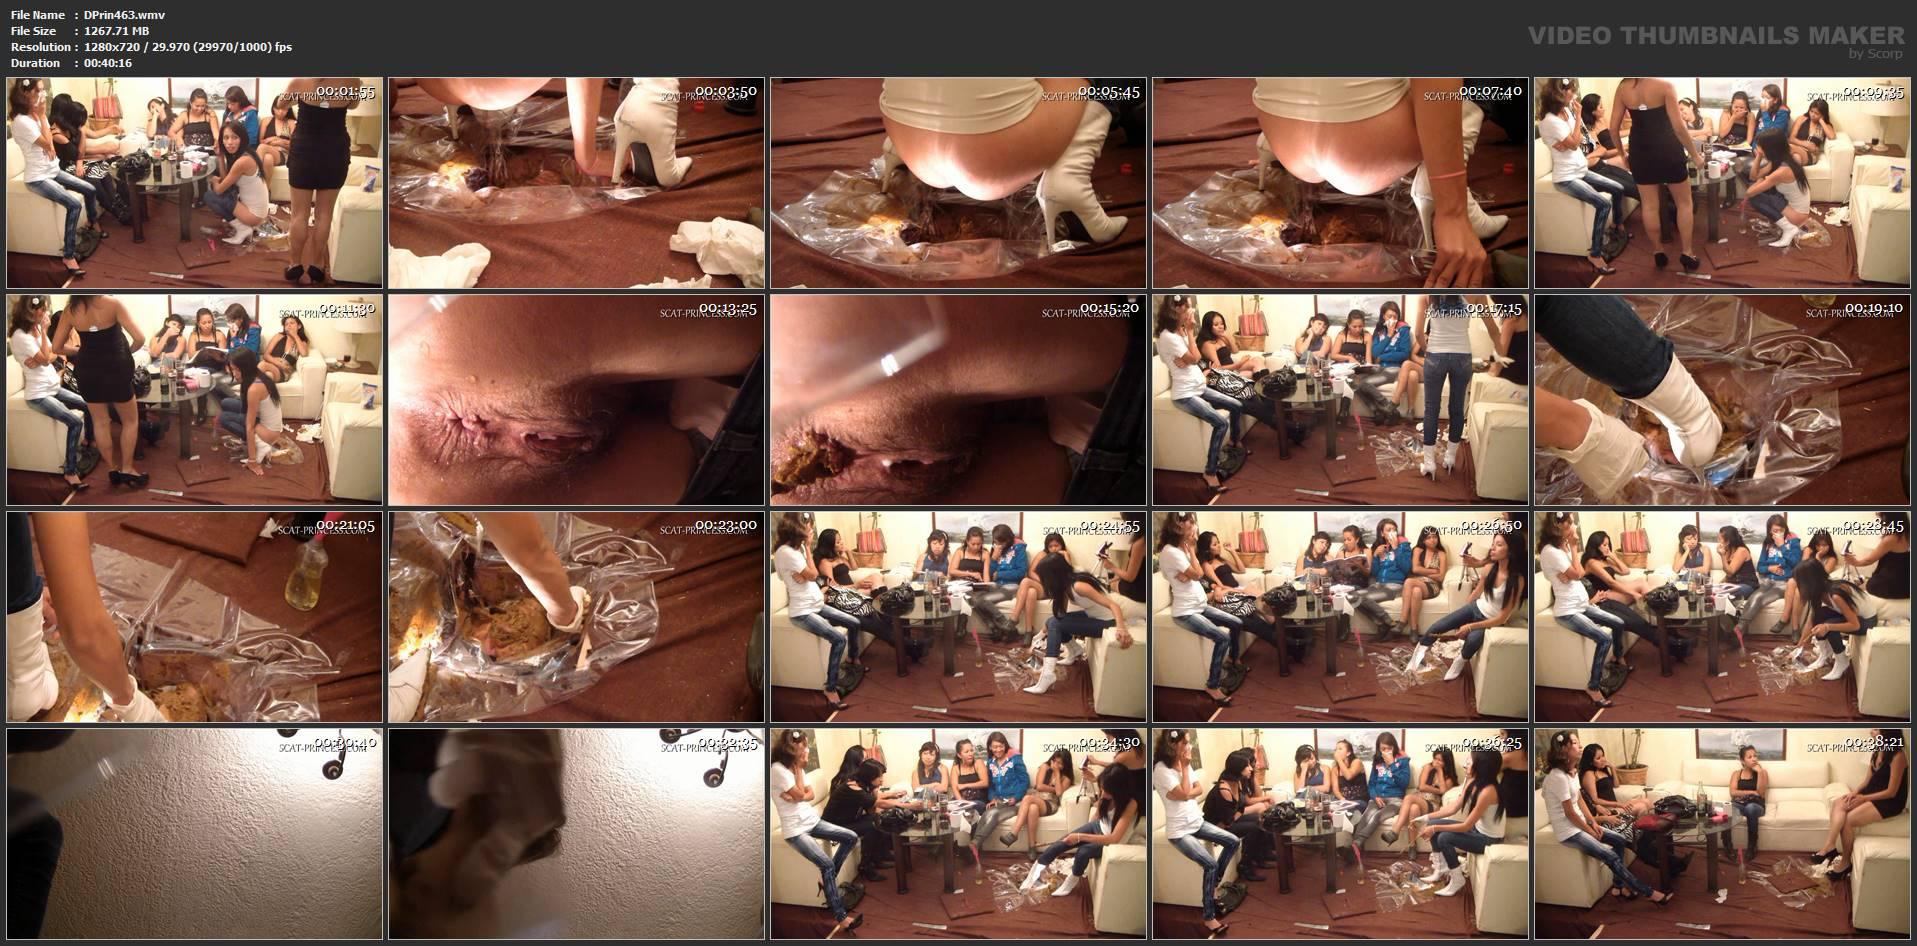 [DOM-PRINCESS] Underground Toilet Slave Part 4 ST [HD][720p][WMV]